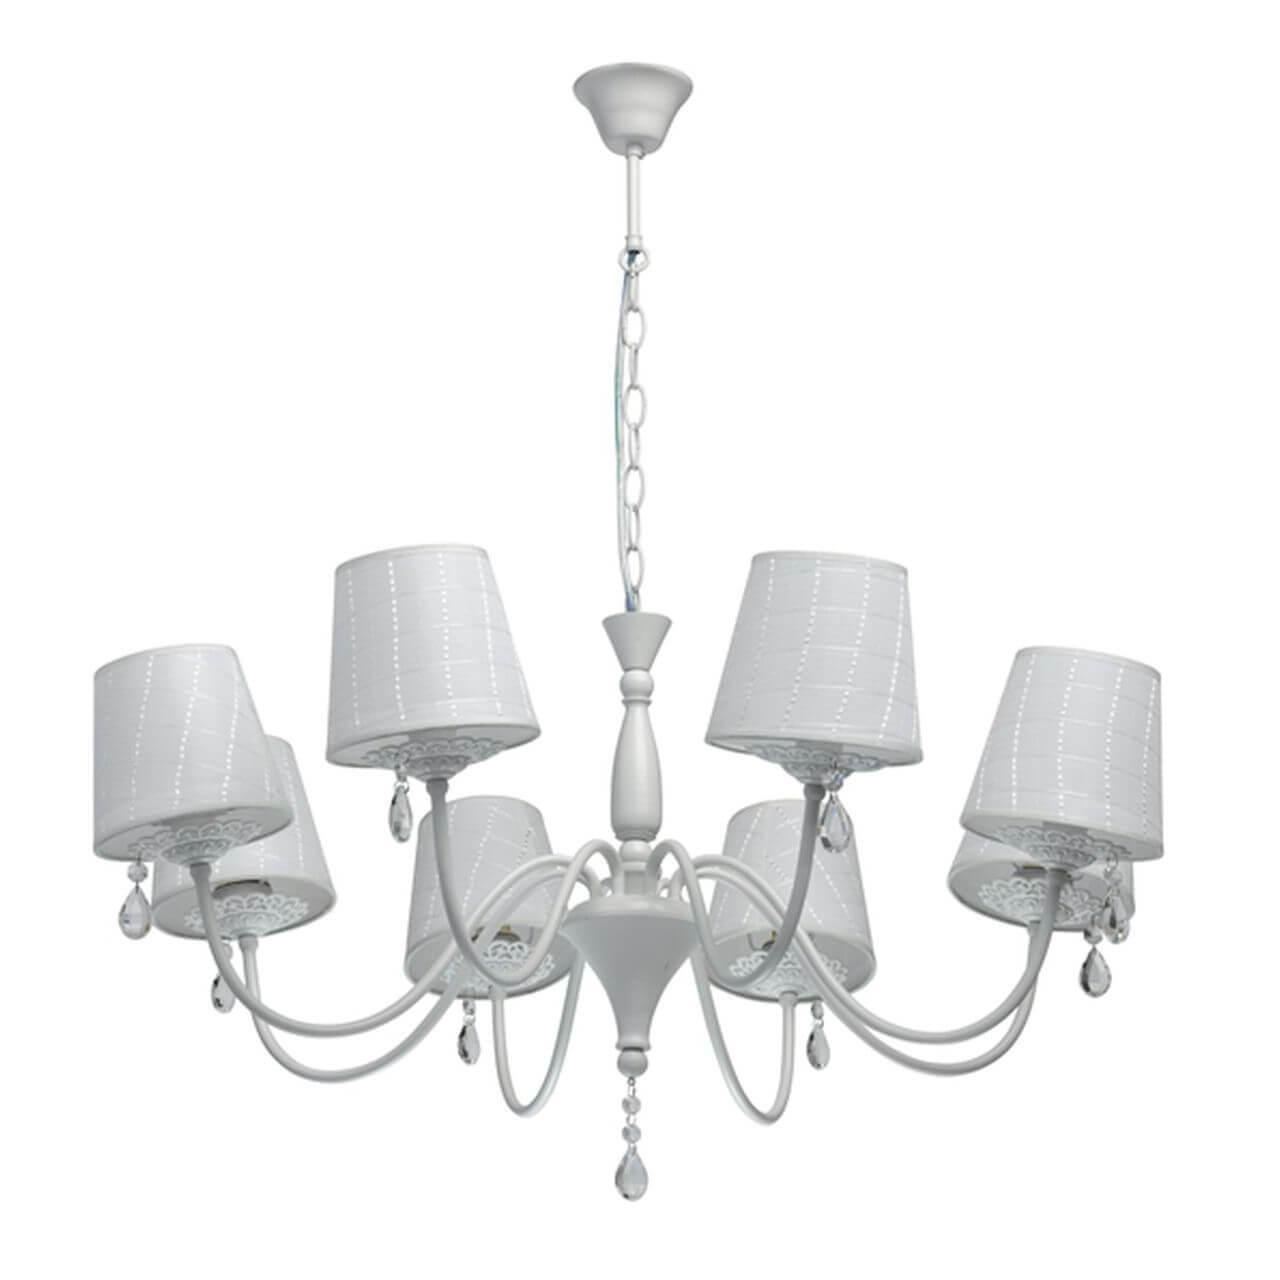 Подвесной светильник De Markt 448012708, E14, 60 Вт подвесная люстра de markt изабелла 35 351018510